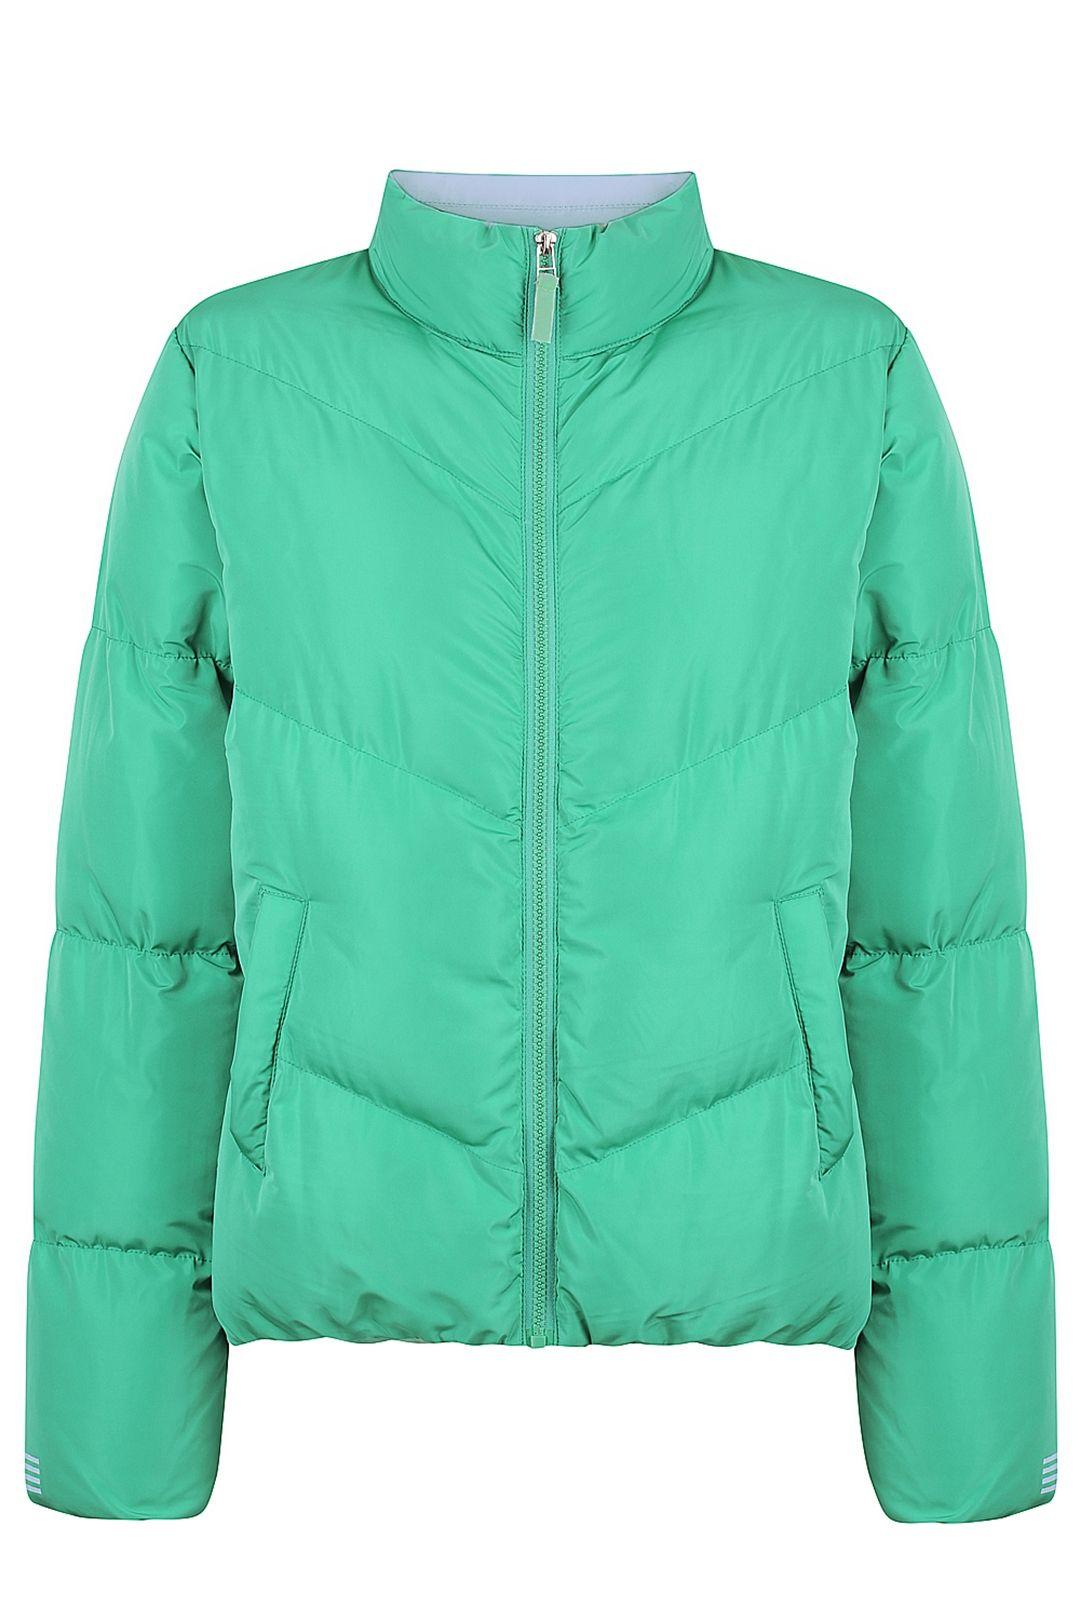 Bande Studio V Line Puffer Jacket